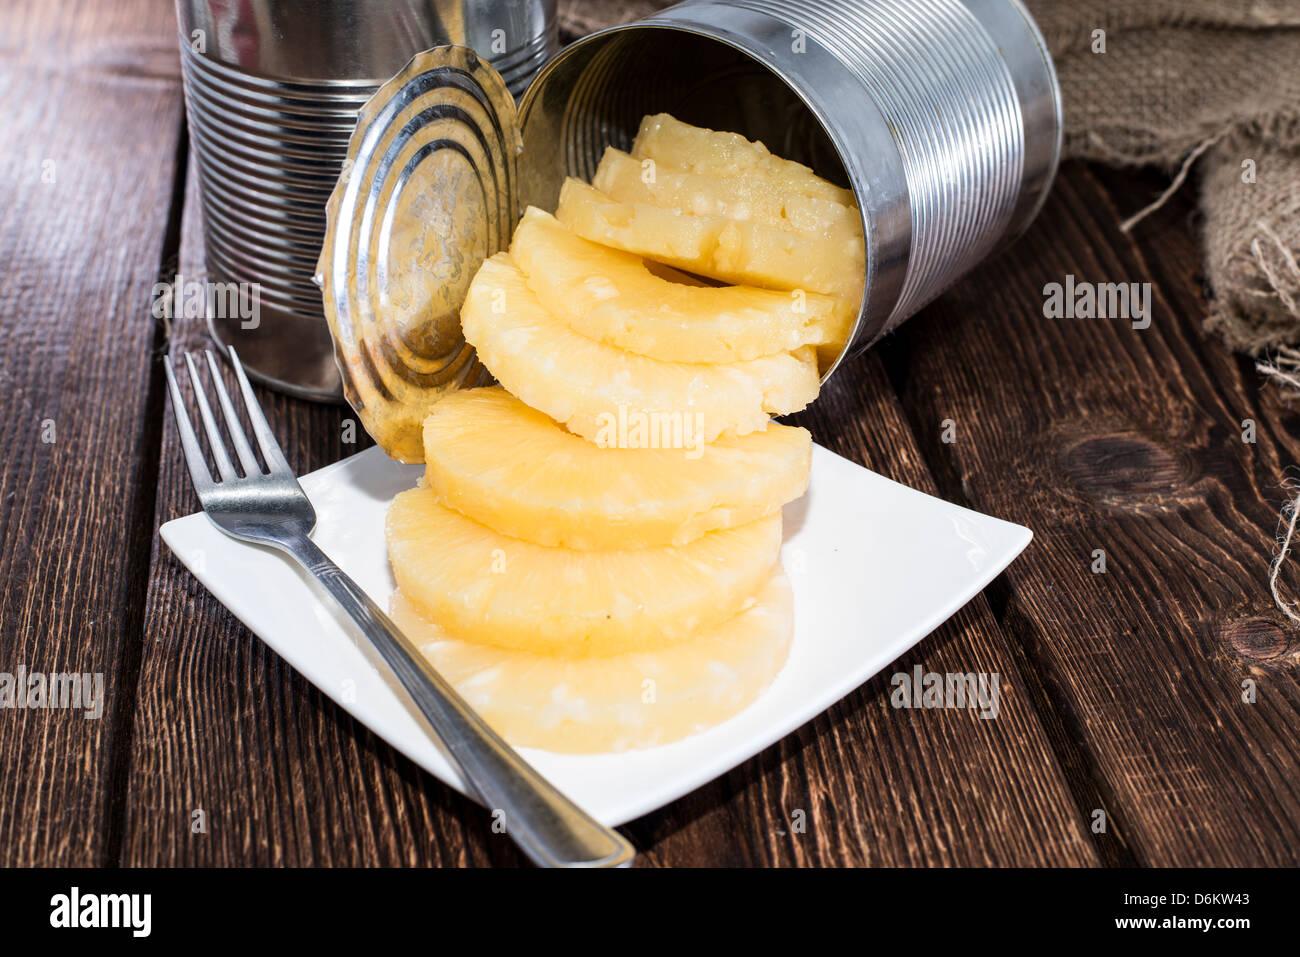 Ananas en conserve sur fond de bois Photo Stock